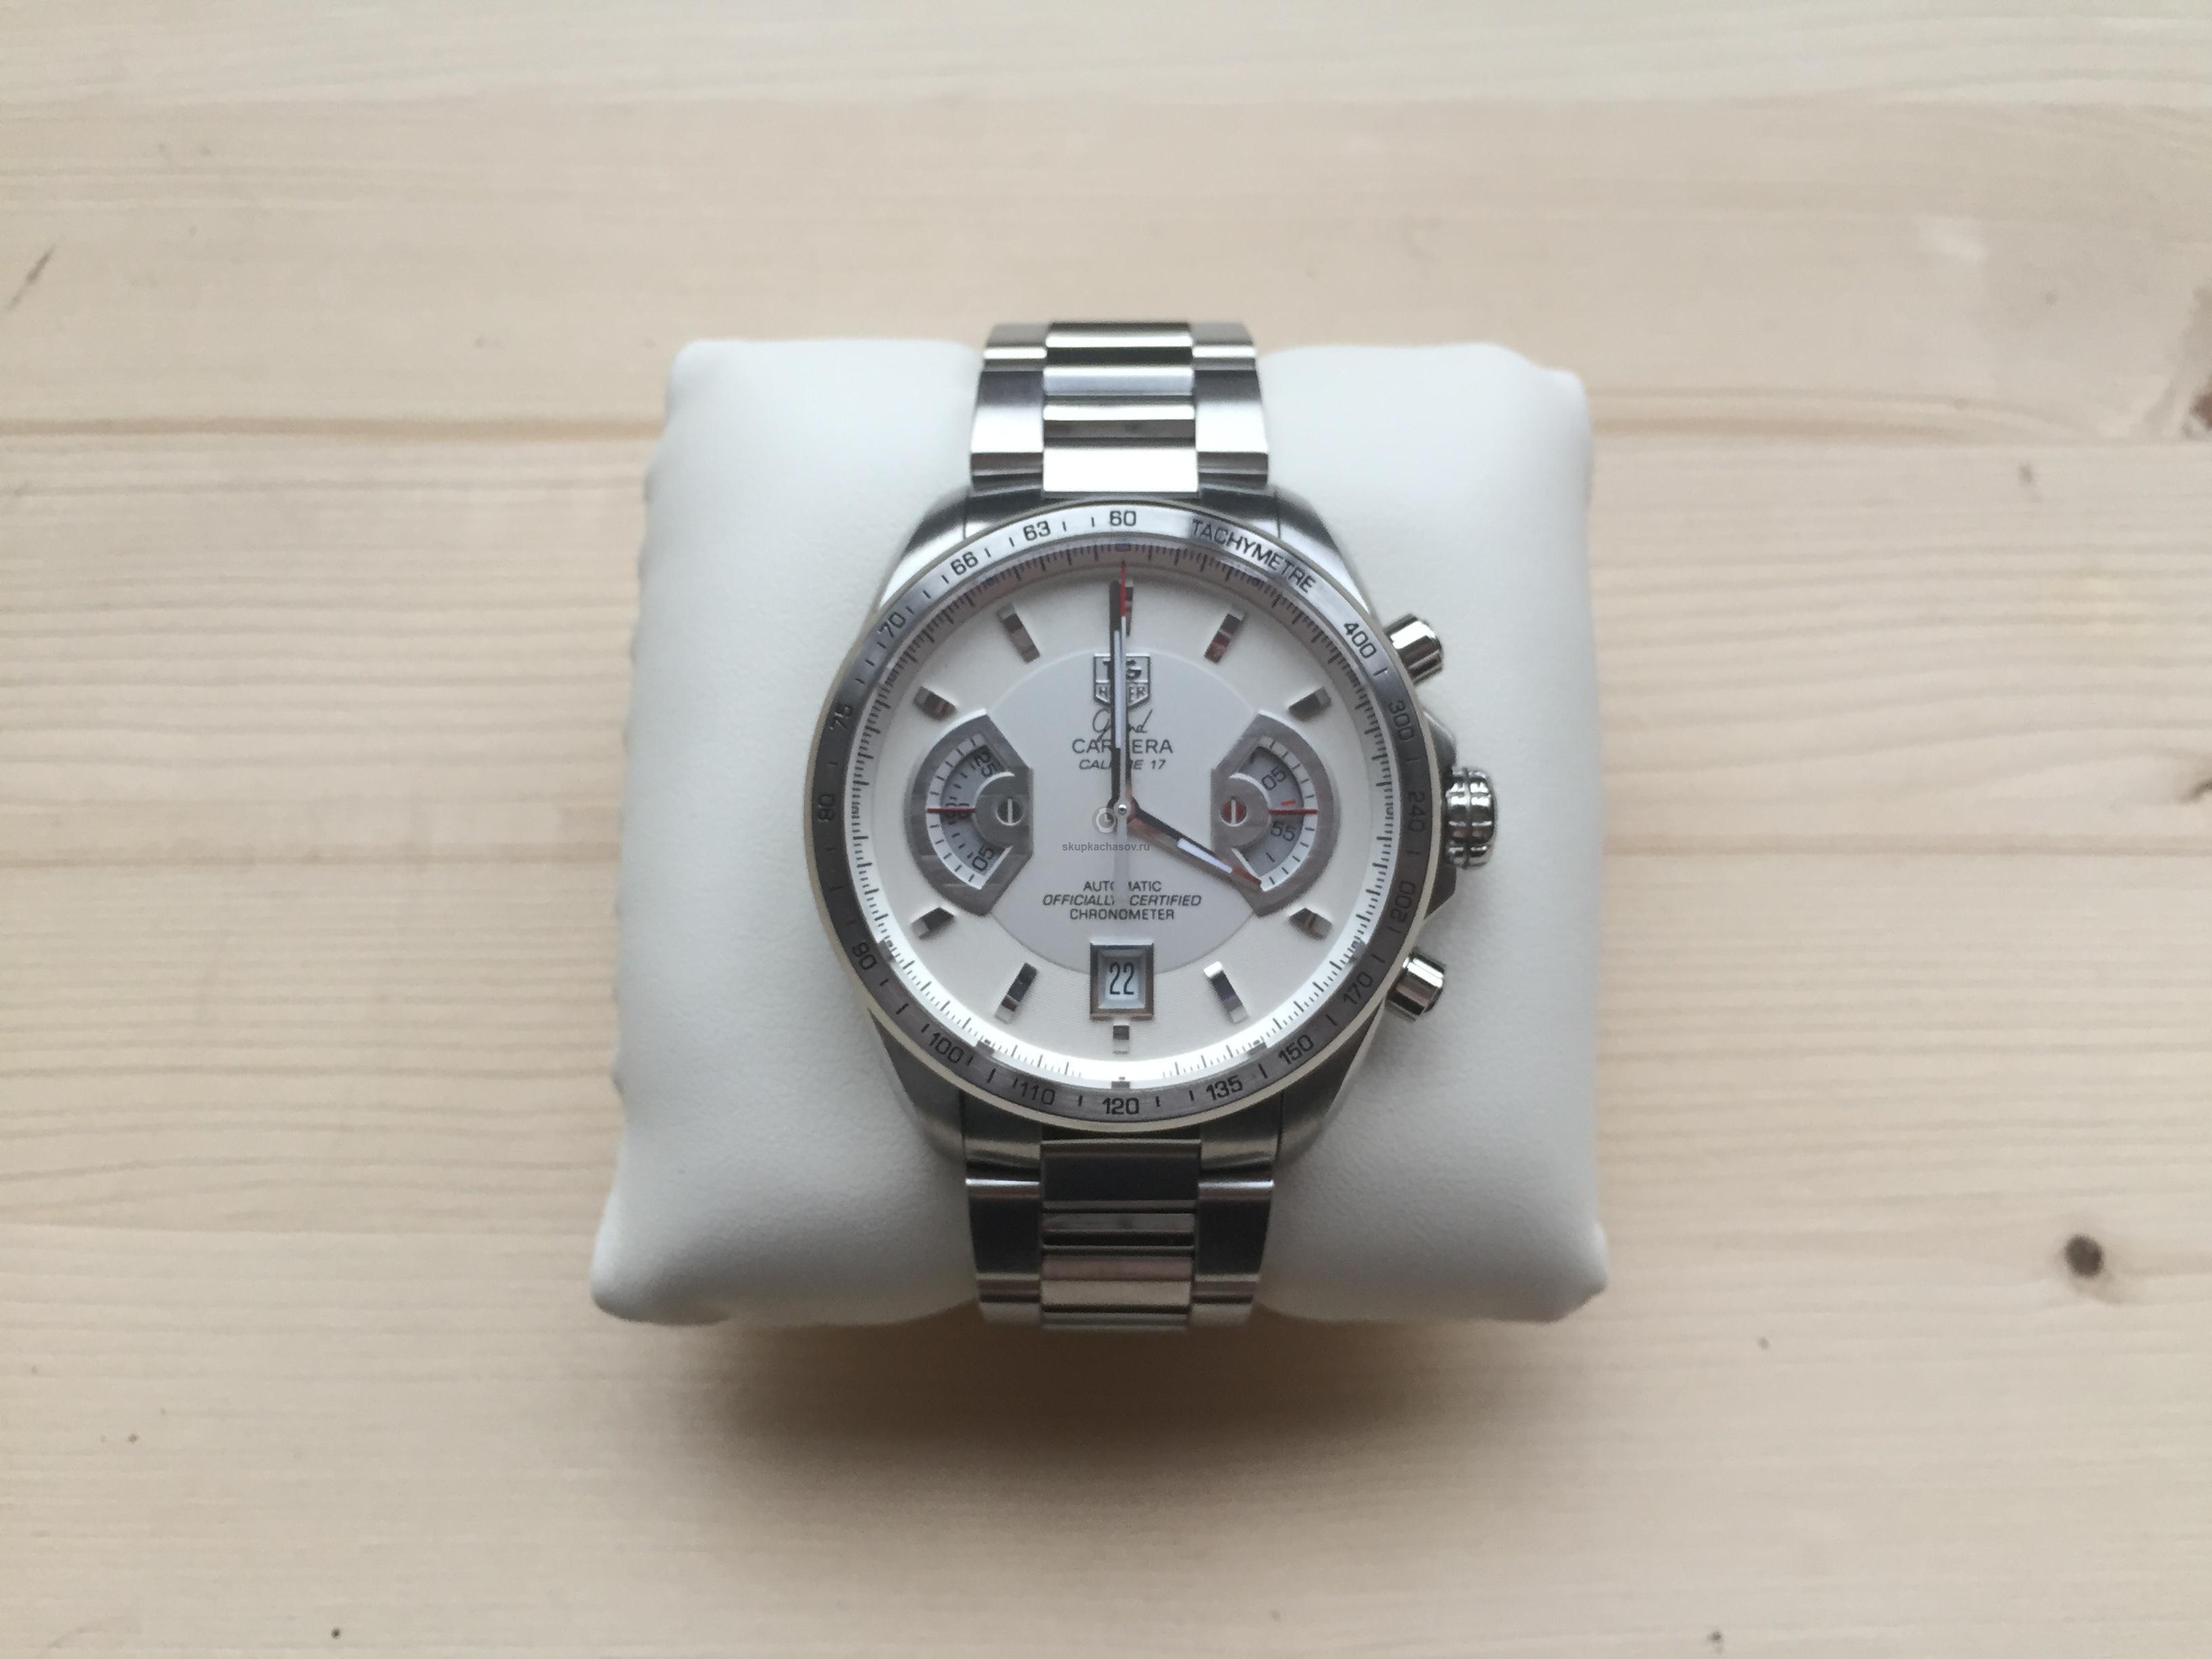 Купить наручные часы Tag Heuer Grand Carrera в Часовой ломбард